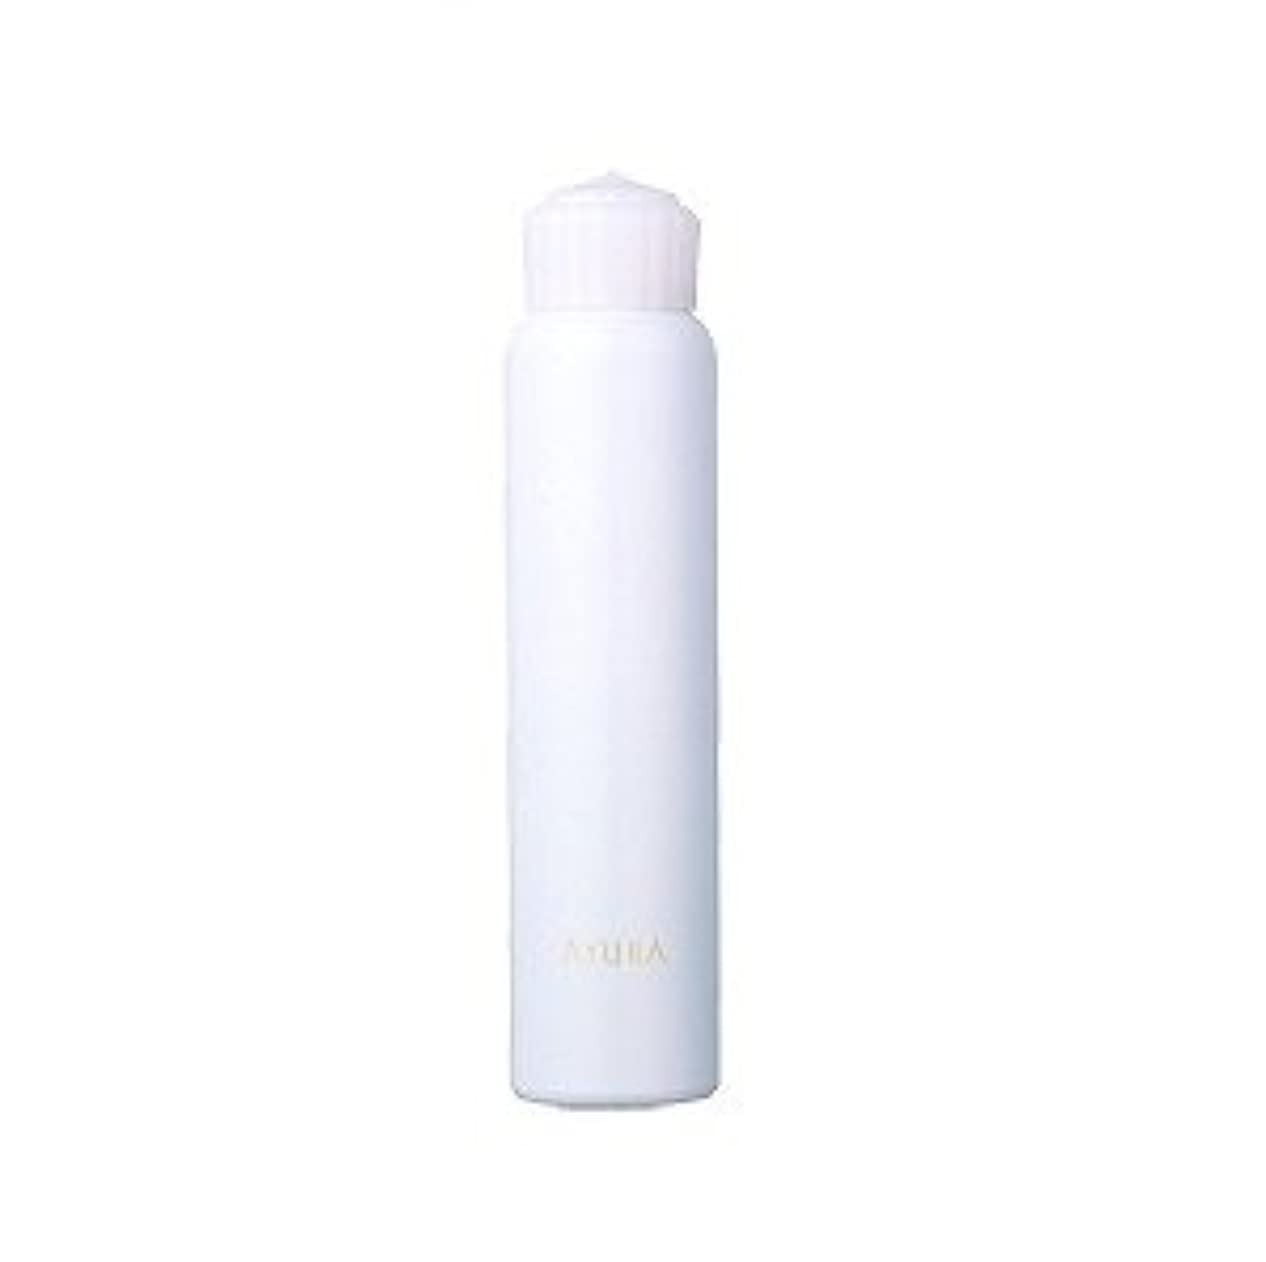 万歳スリッパバイナリアユーラ ホワイトニング マルチシャワー 125g 化粧水